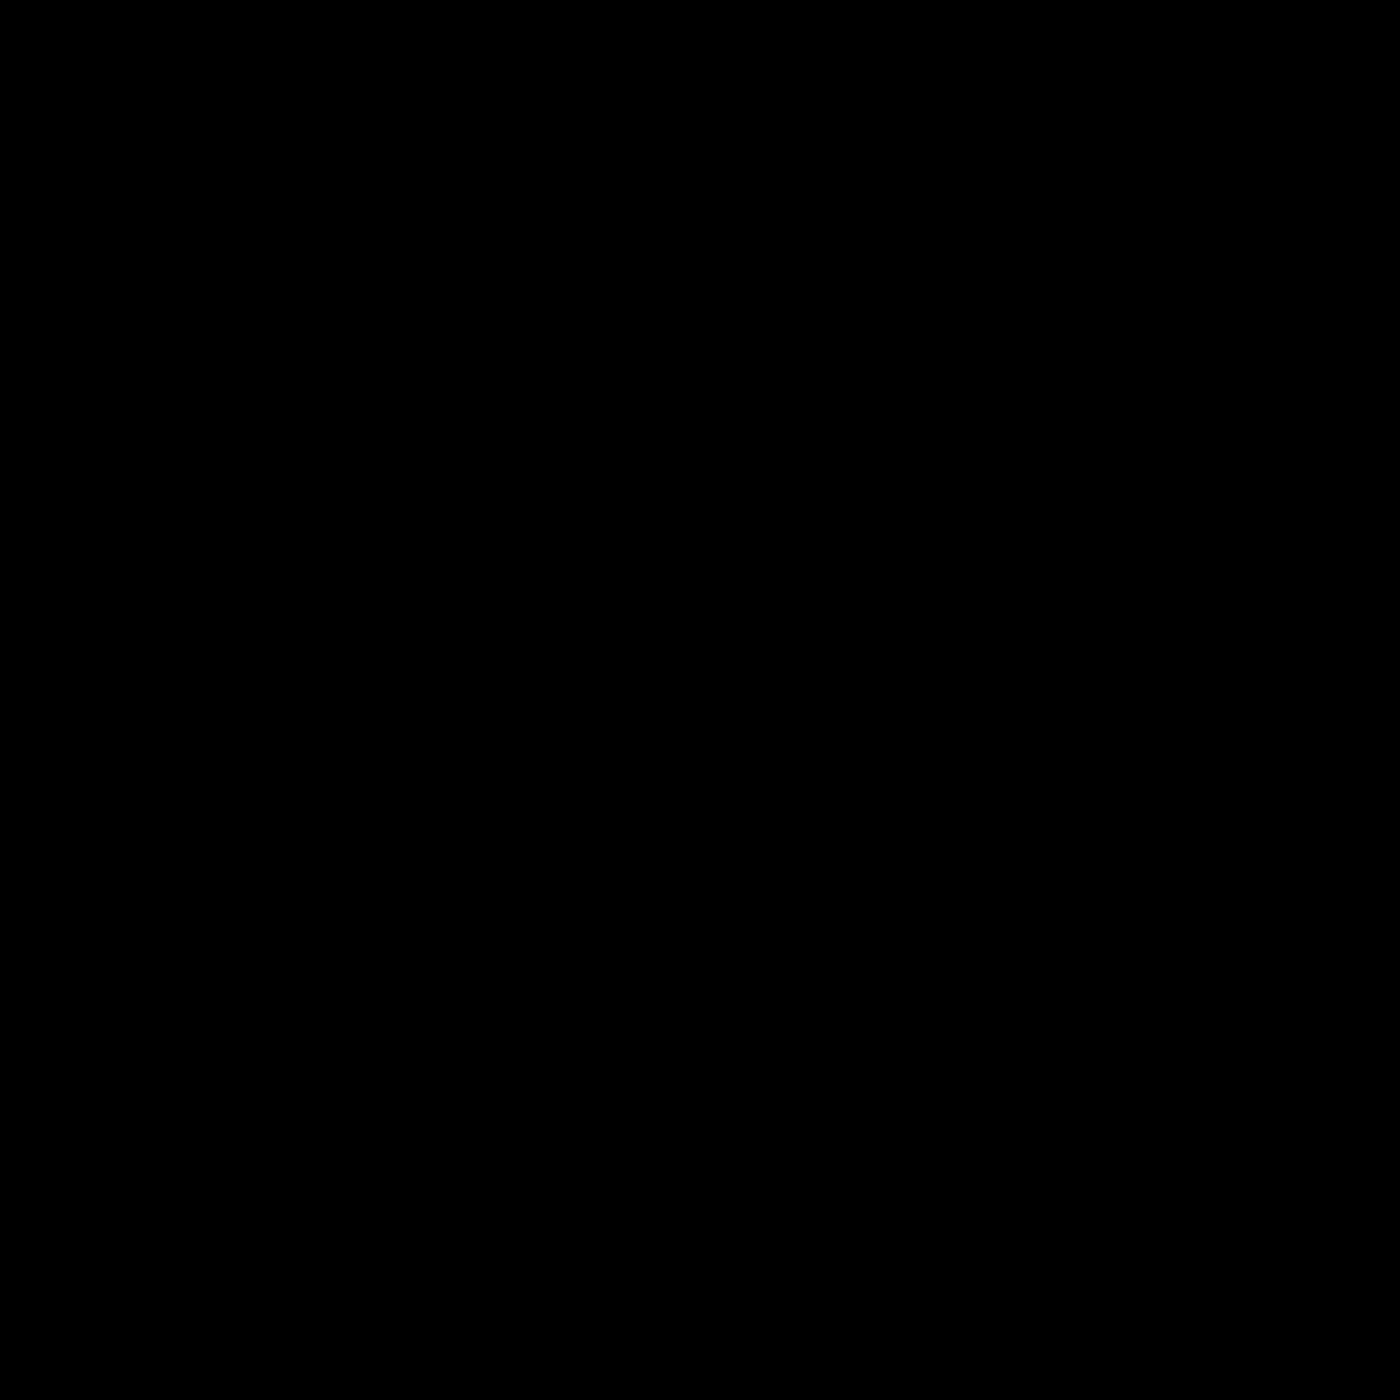 aimaproject-sa-agenzia-di-comunicazione-graphic-design-letter-a-logo-©-diego-cinquegrana